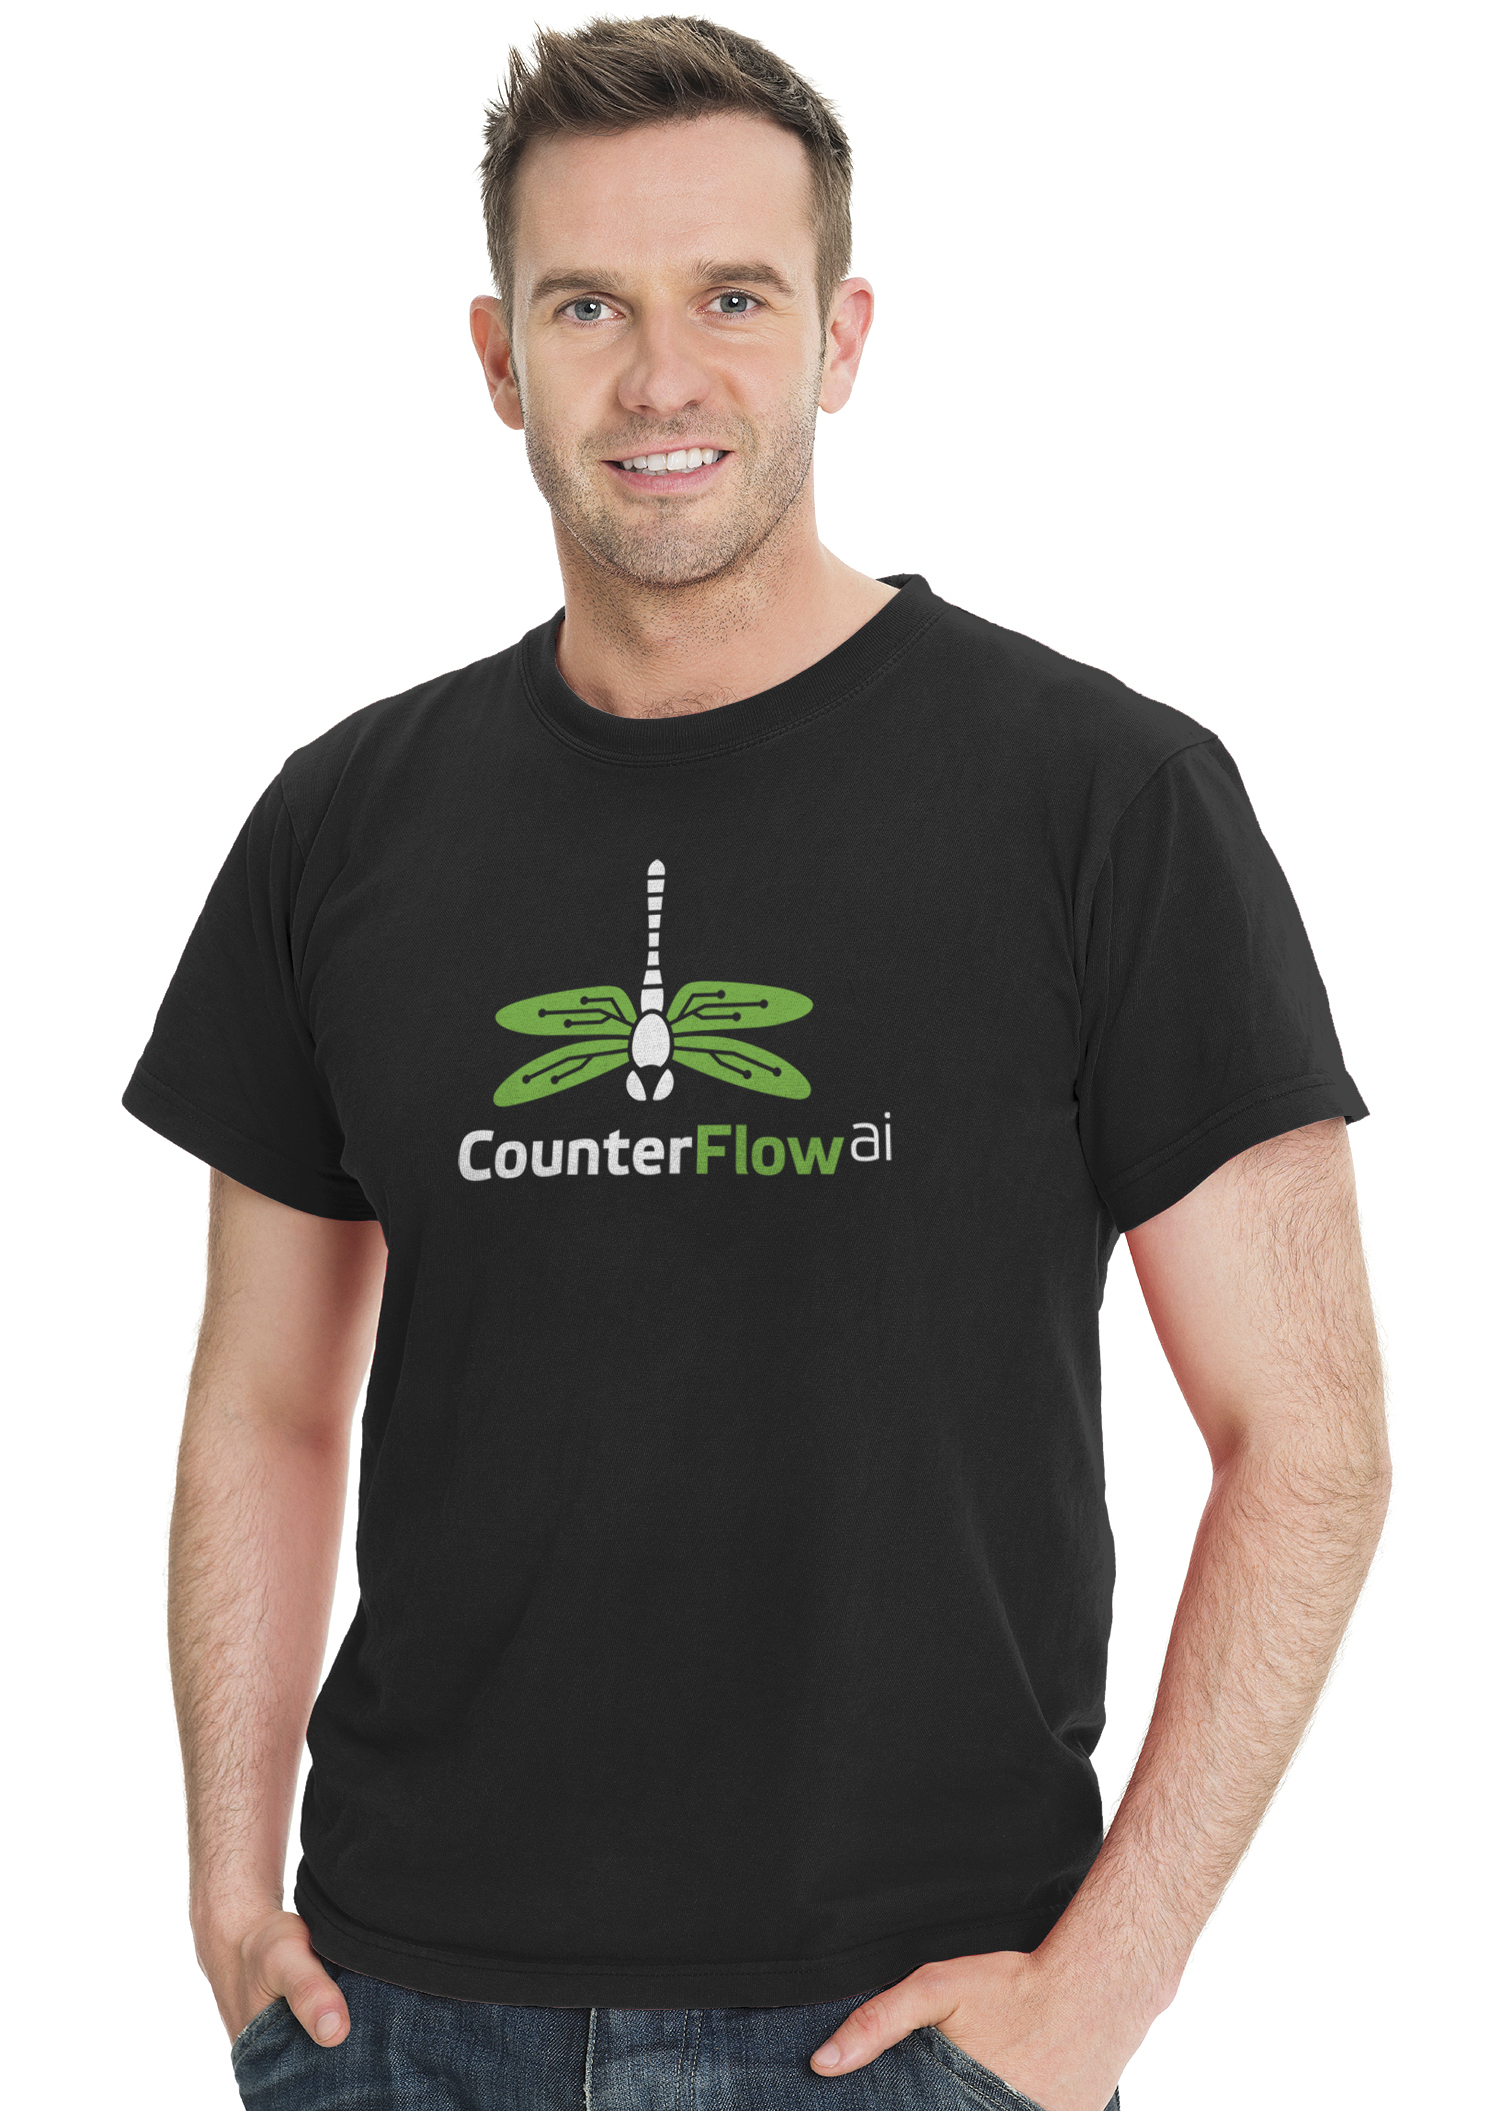 CounterFlow6.jpg